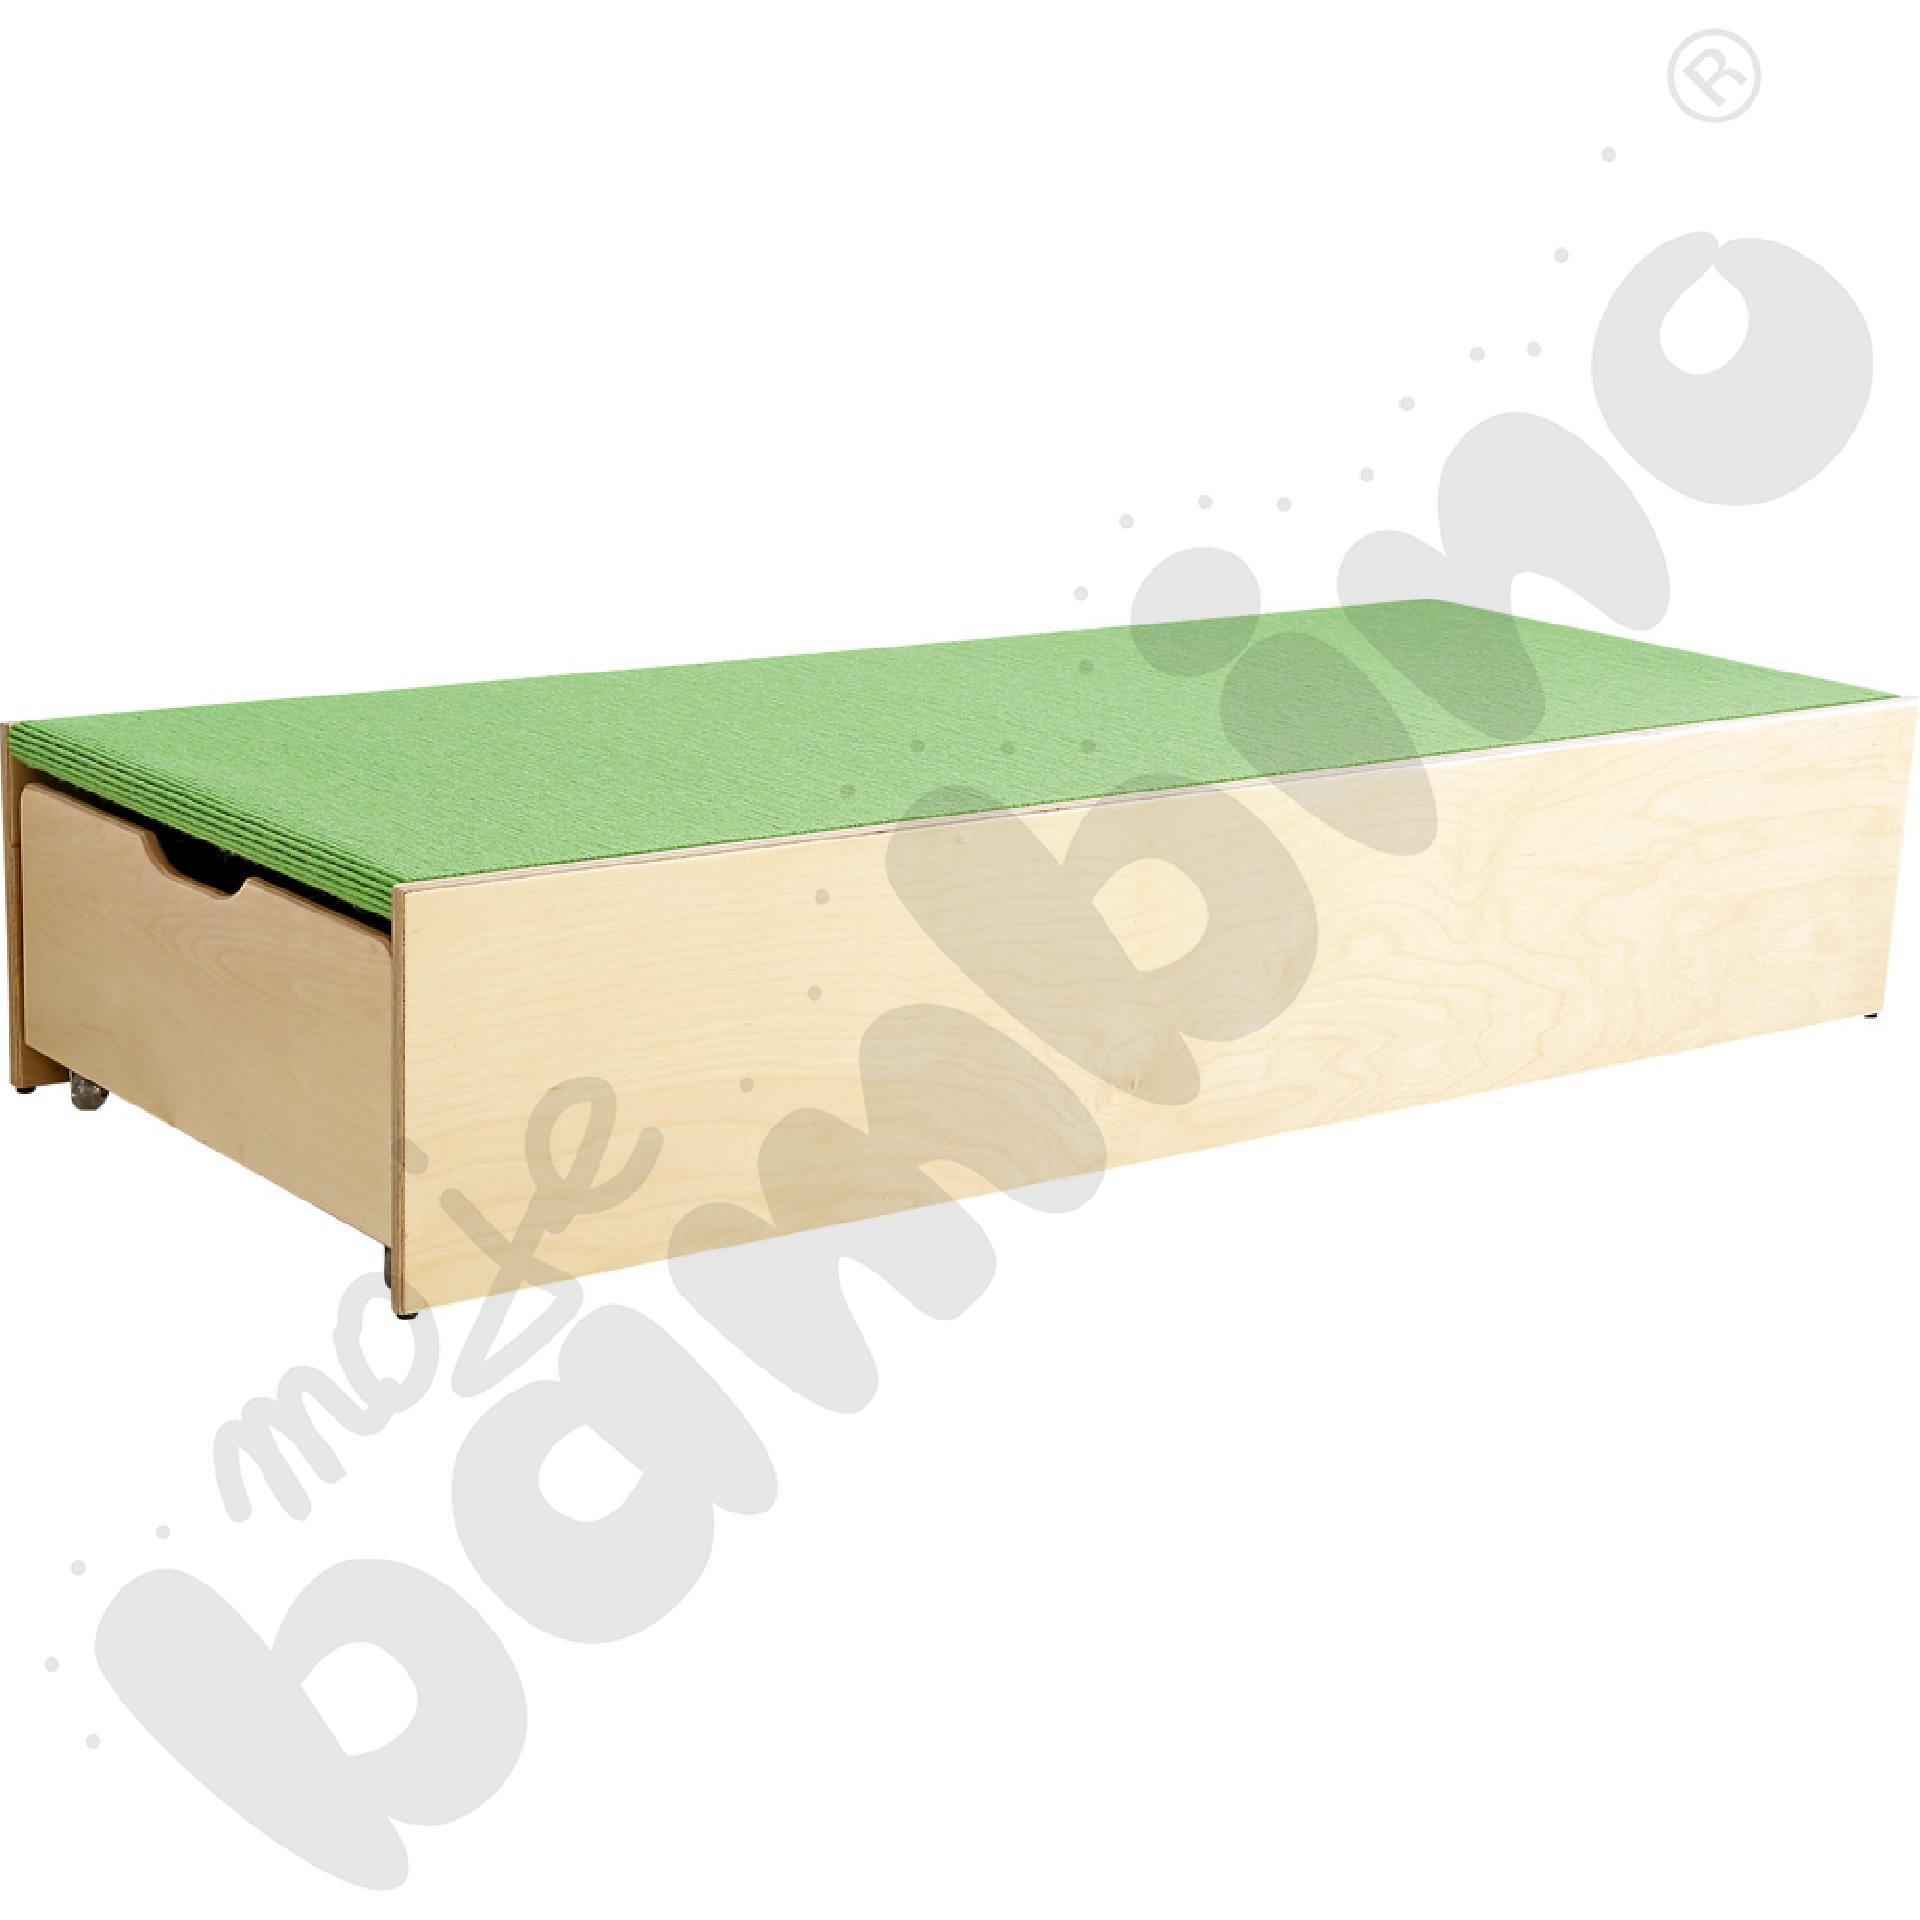 Podest z 2 szufladami po bokach